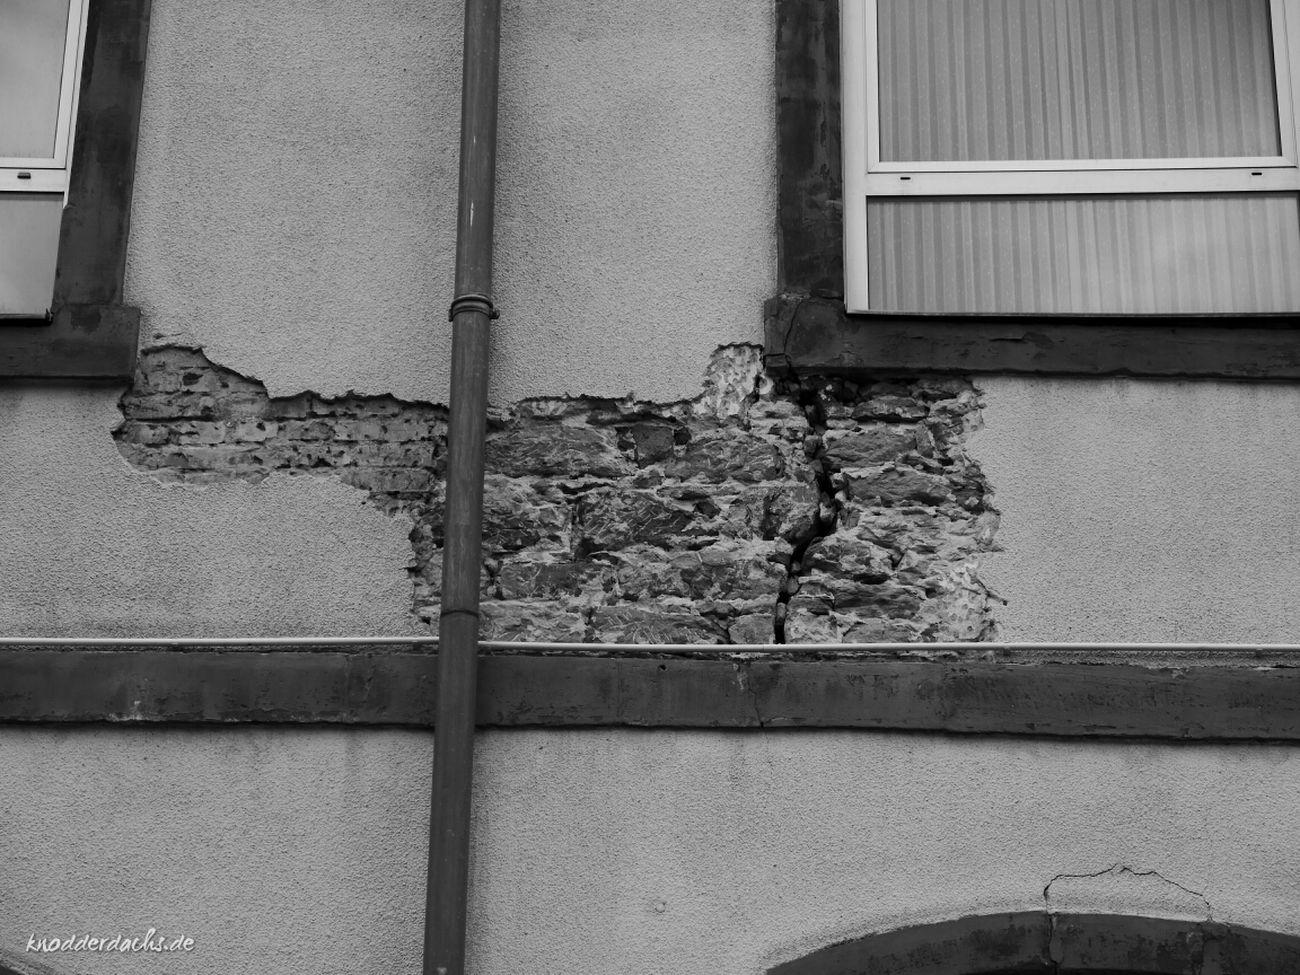 Verfall an der alten Grundschule in Homburg.